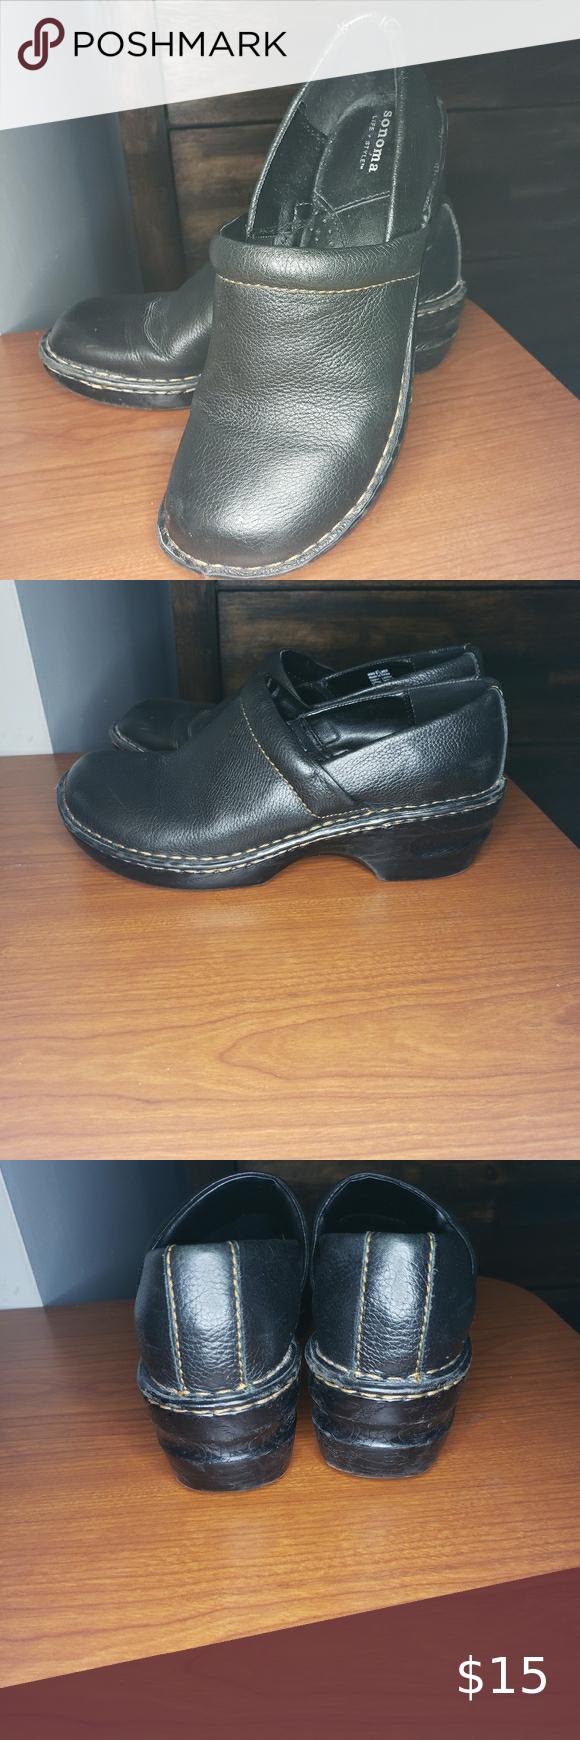 clogs, Sonoma shoes